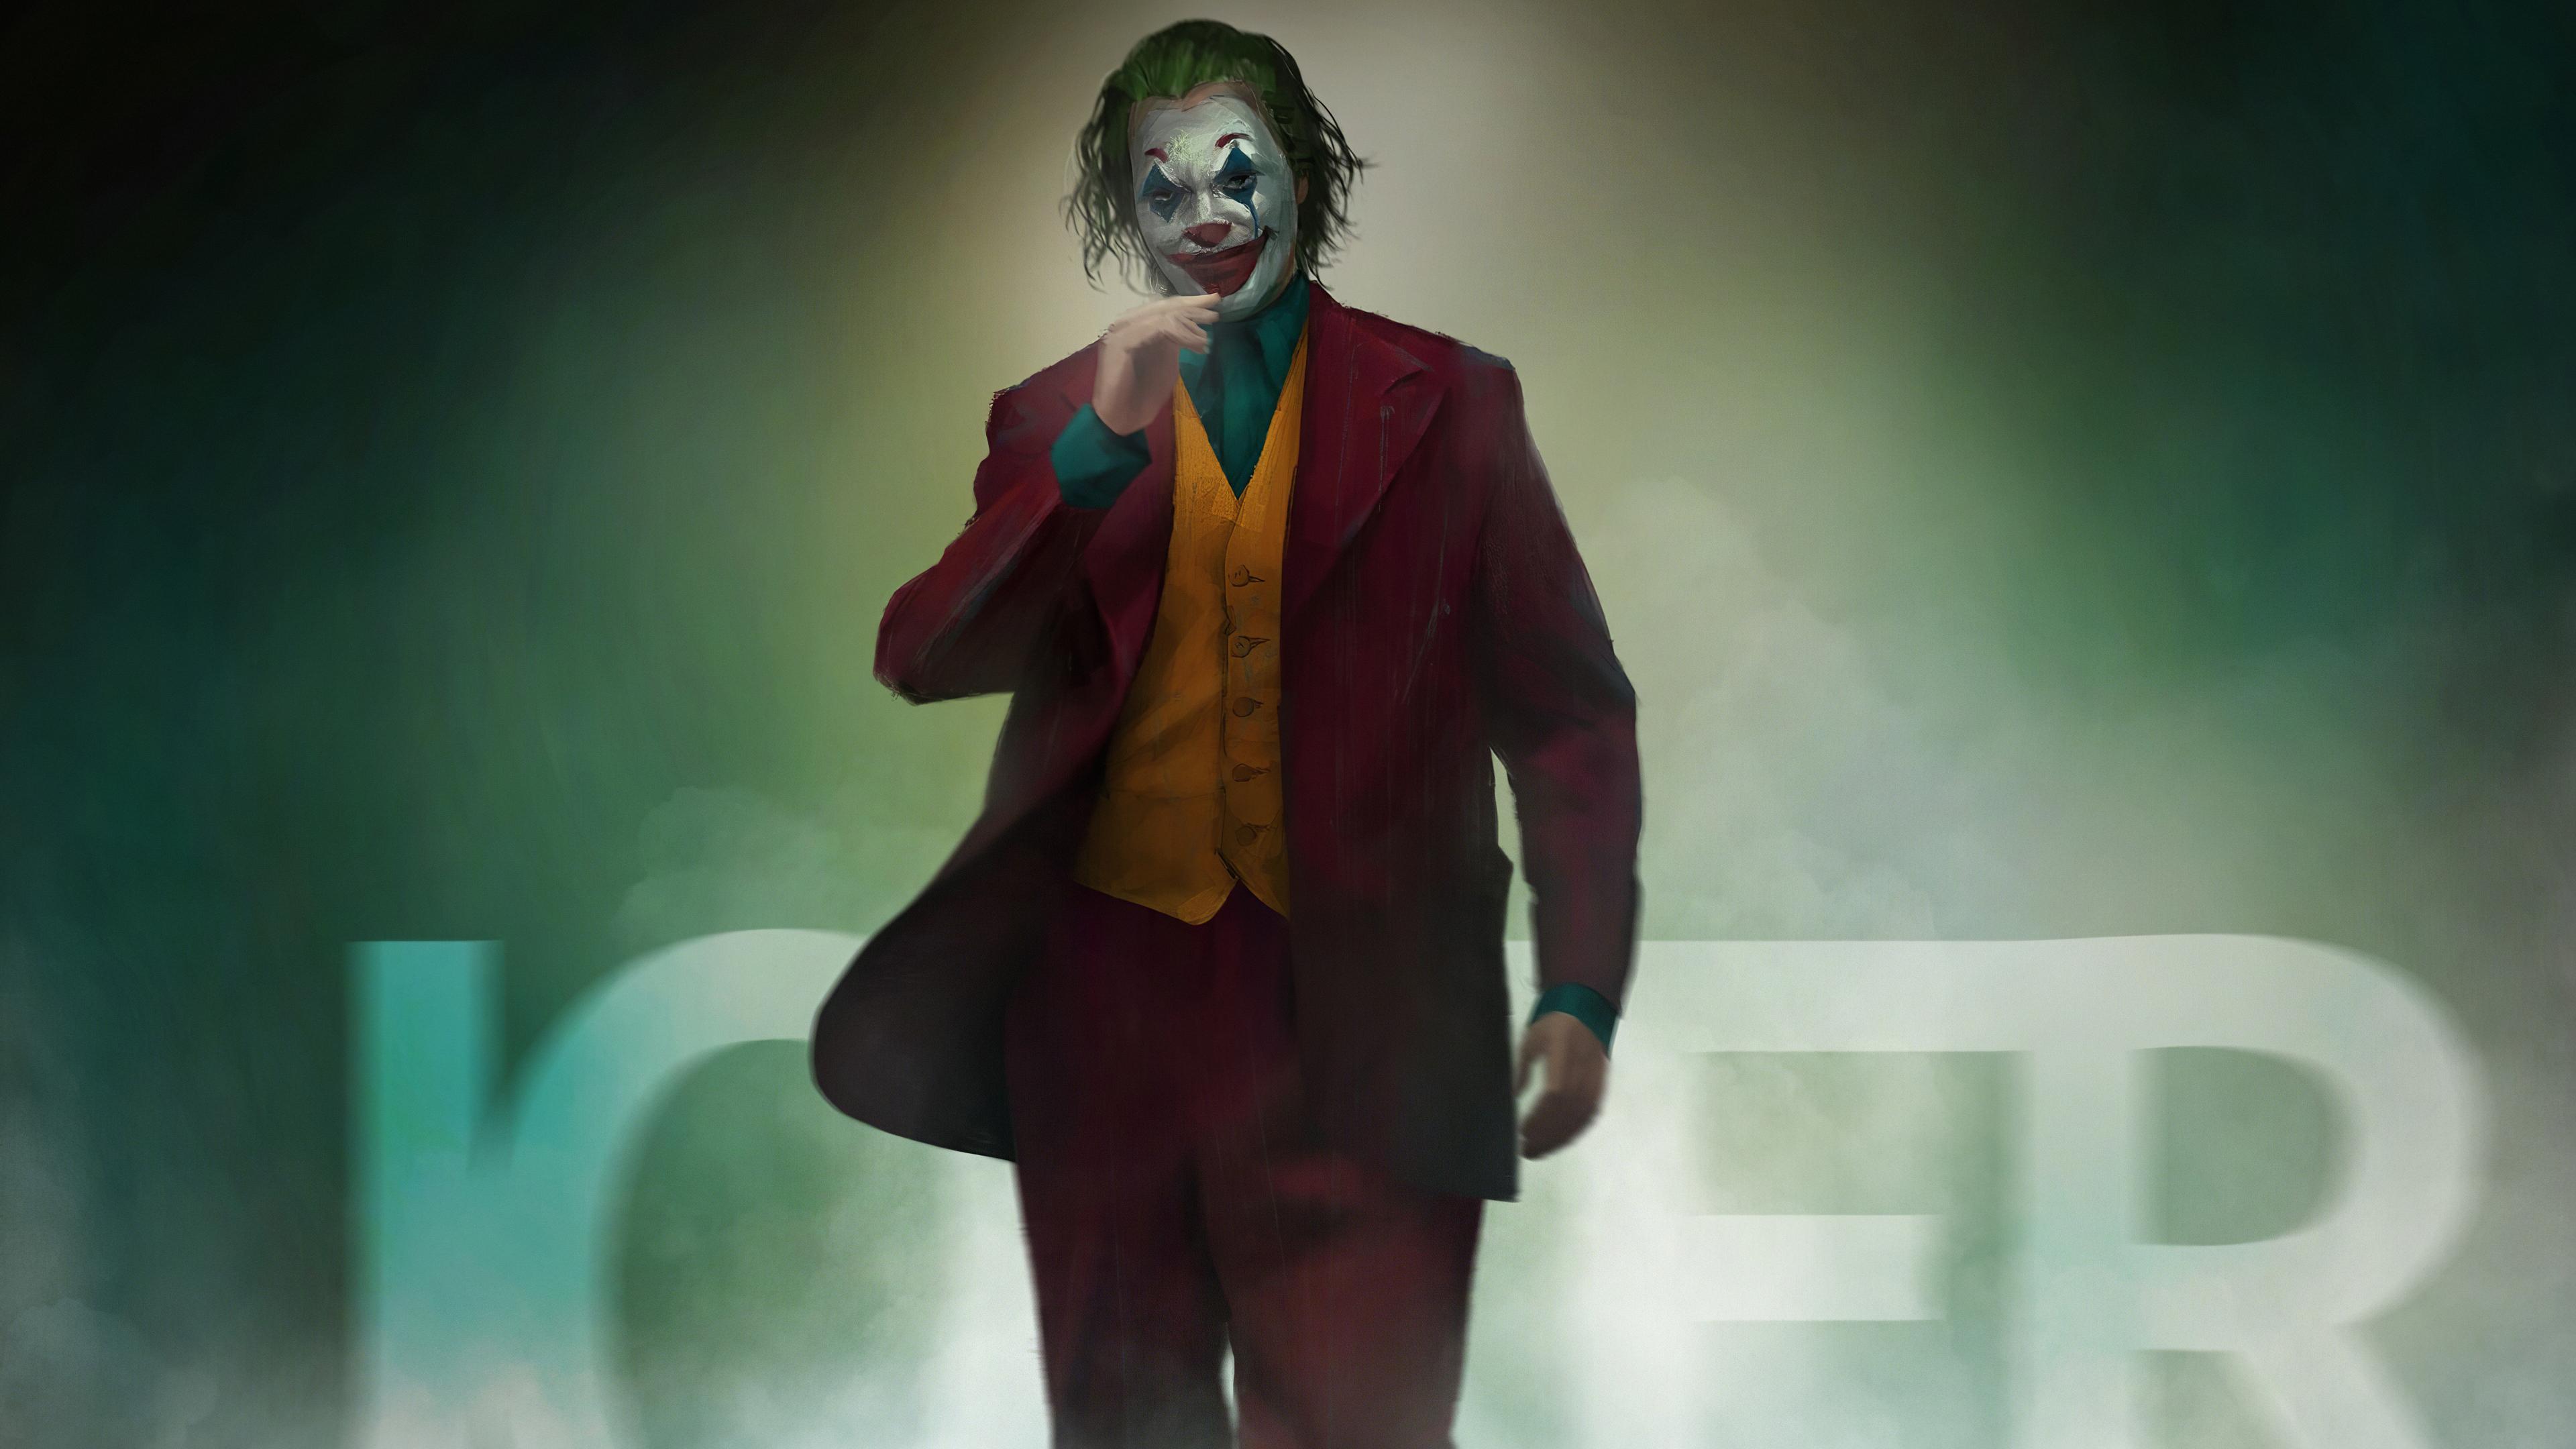 joker walking art 1572368582 - Joker Walking Art - supervillain wallpapers, superheroes wallpapers, joker wallpapers, joker movie wallpapers, hd-wallpapers, artwork wallpapers, 4k-wallpapers